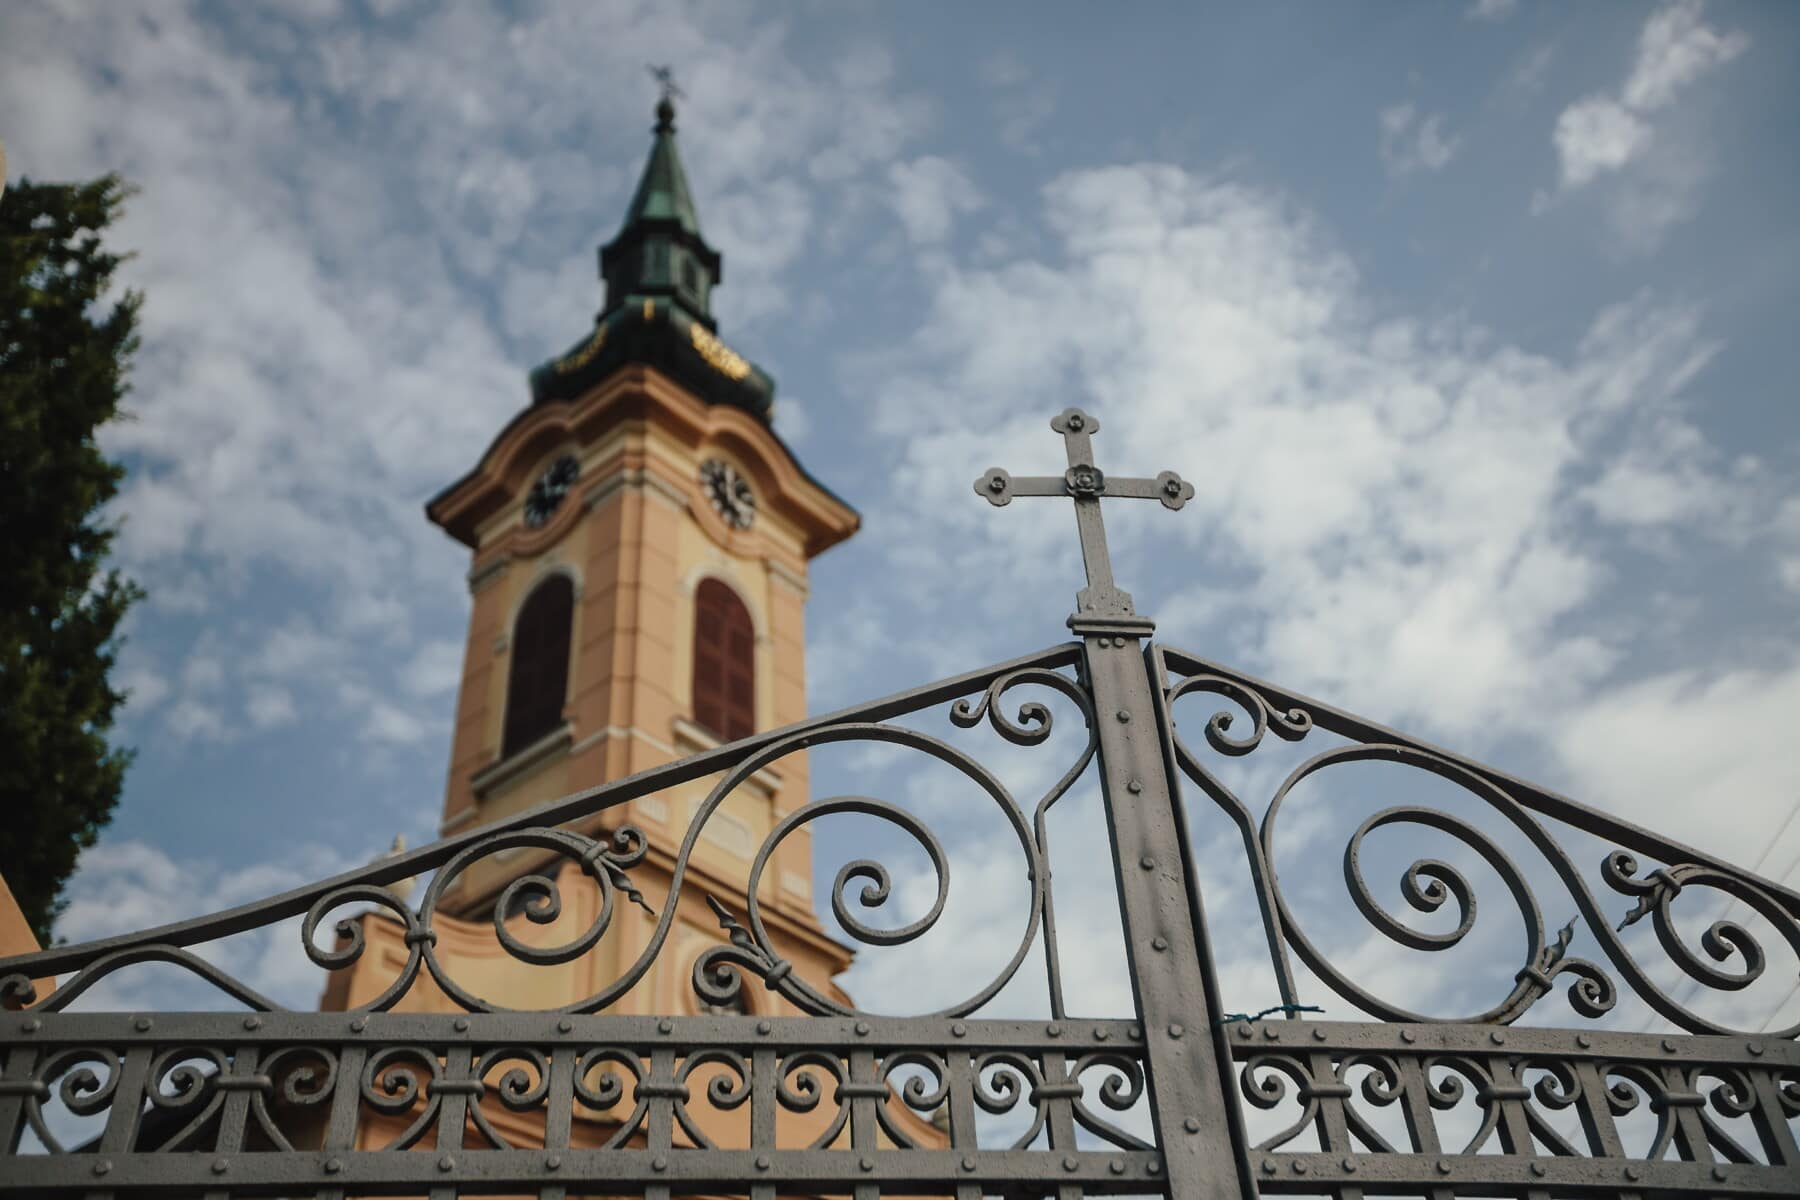 Porte, clôture, Croix, fer de fonte, steeple, église, architecture, vieux, religion, antique